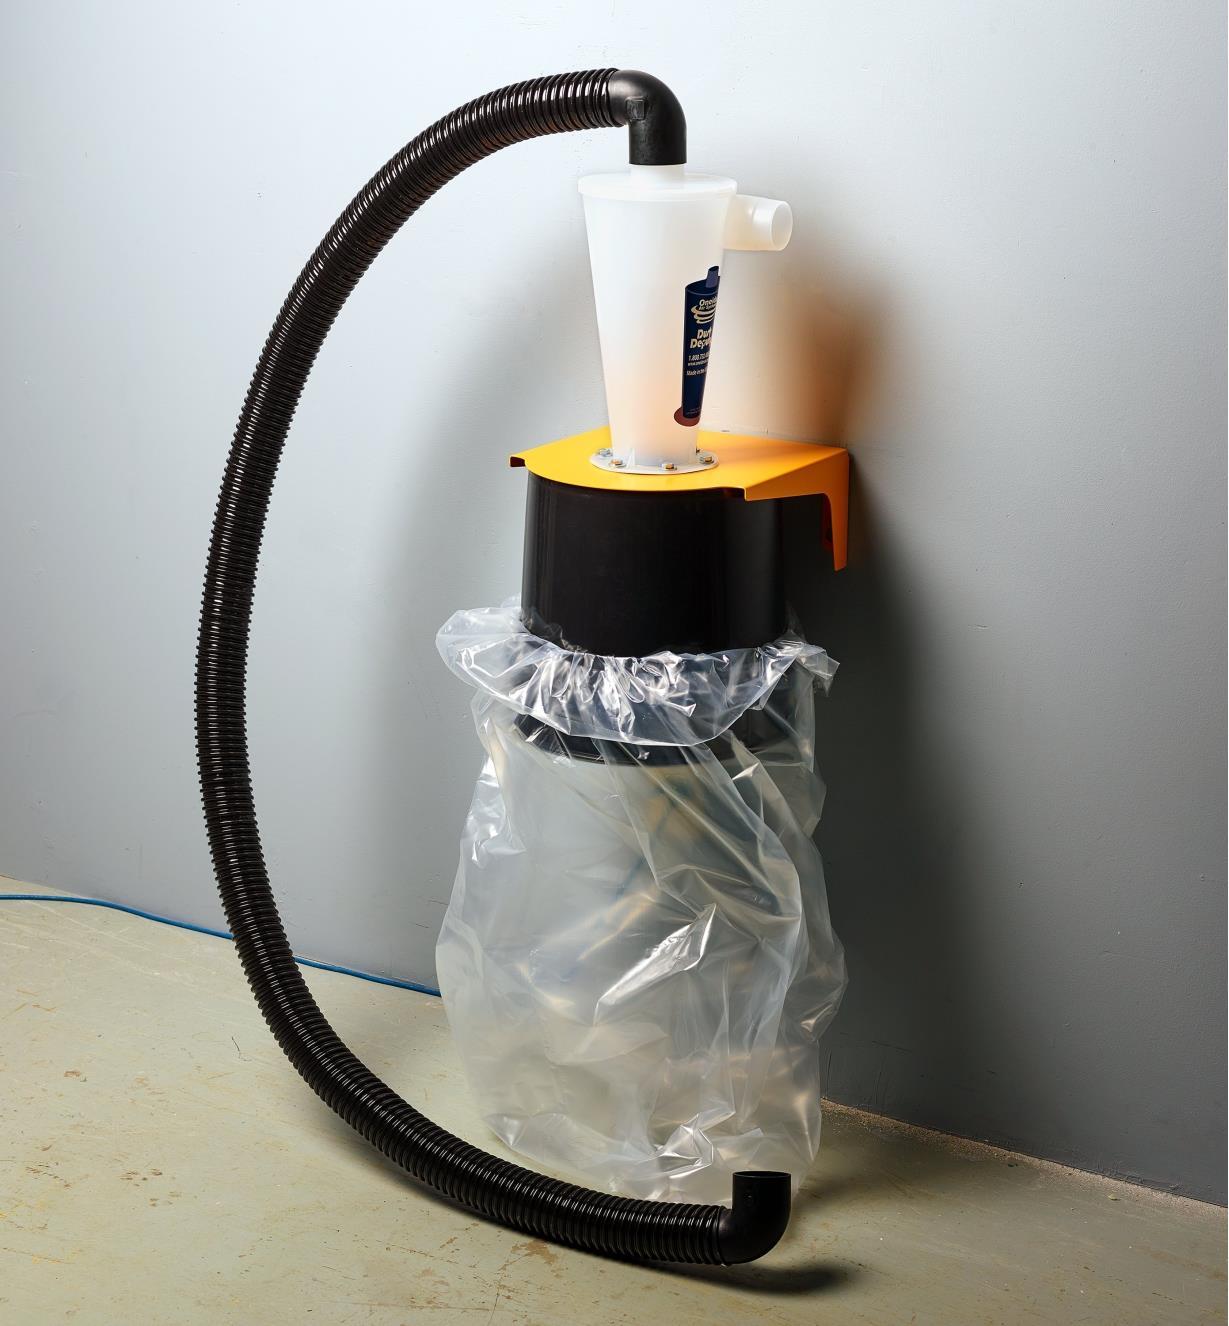 Ensacheuse pour aspirateur d'atelier Dust Deputy fixée au mur